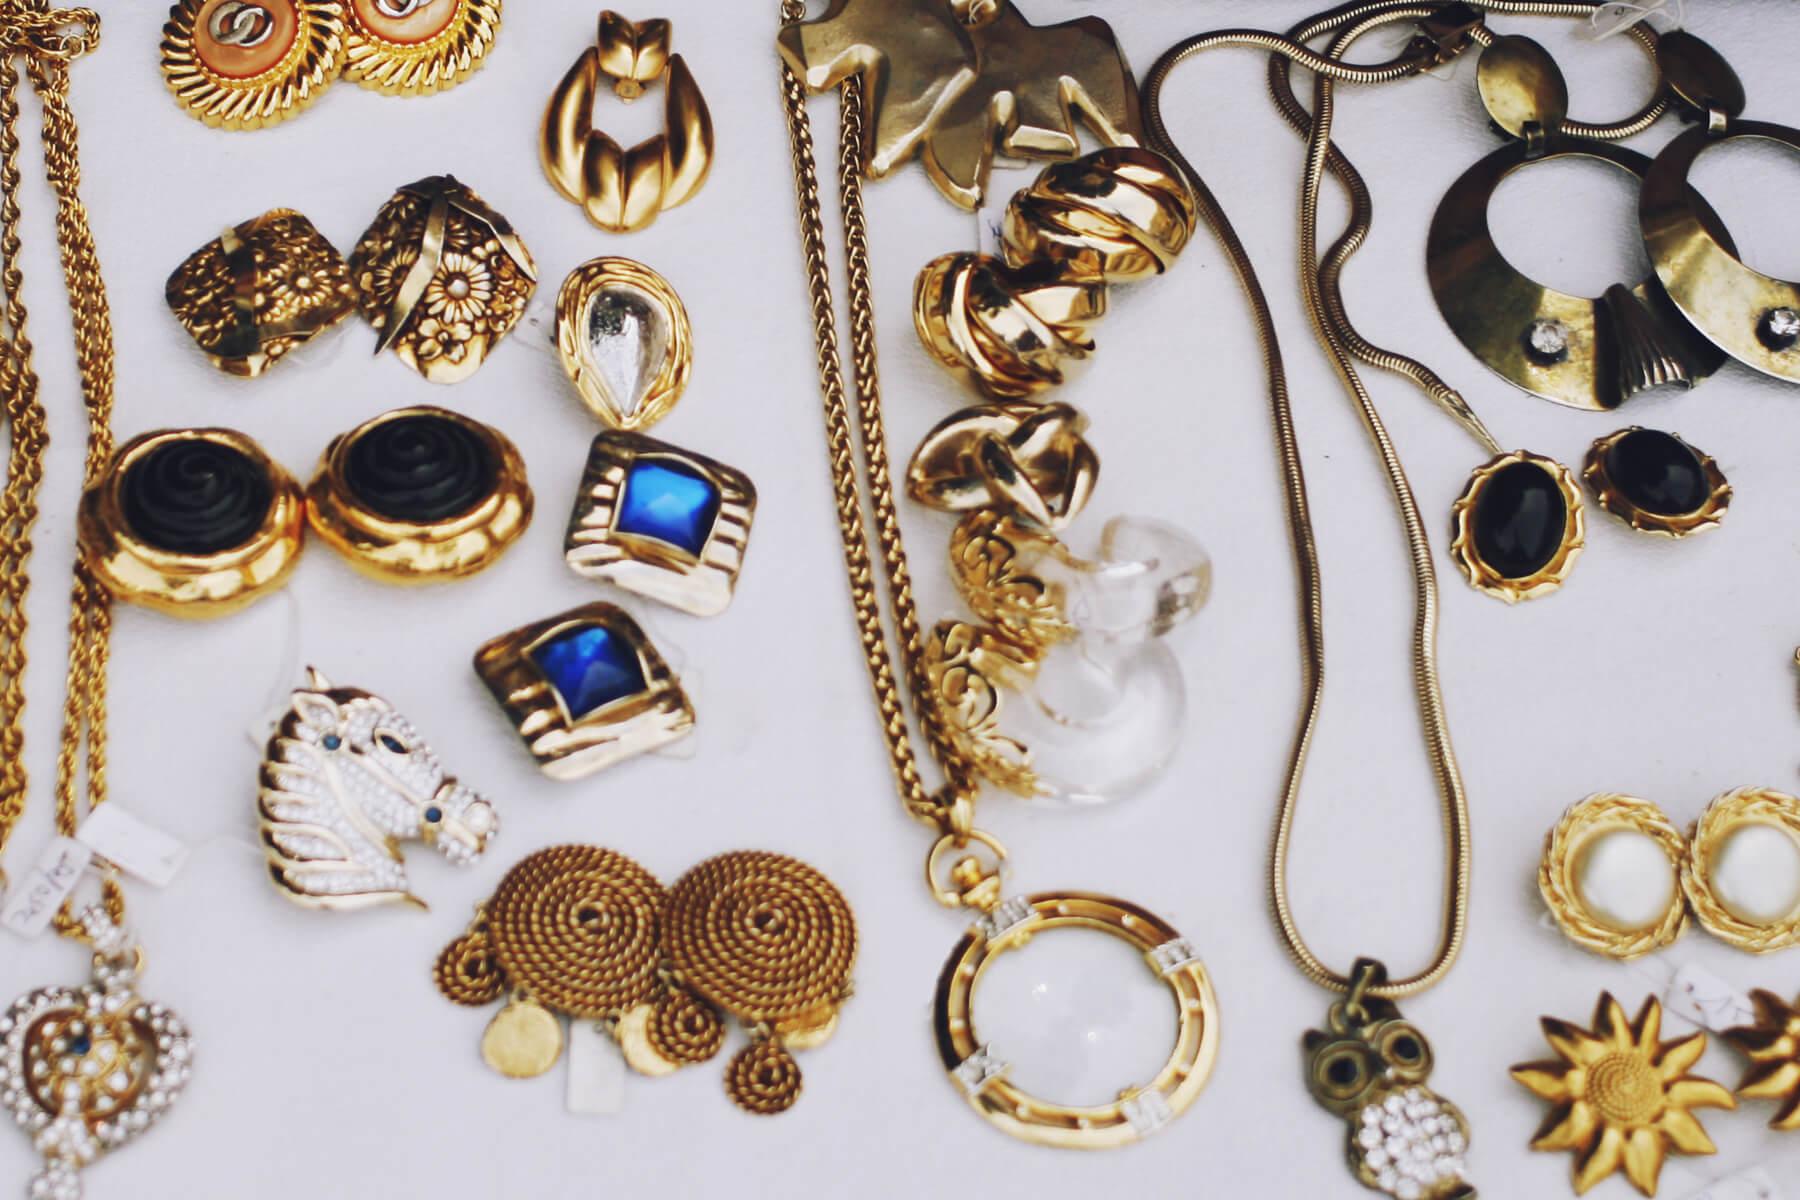 Verkaufen Sie uns Ihr Gold in jeglicher Form: Altschmuck, Zahngold, Münzen u.v.m.